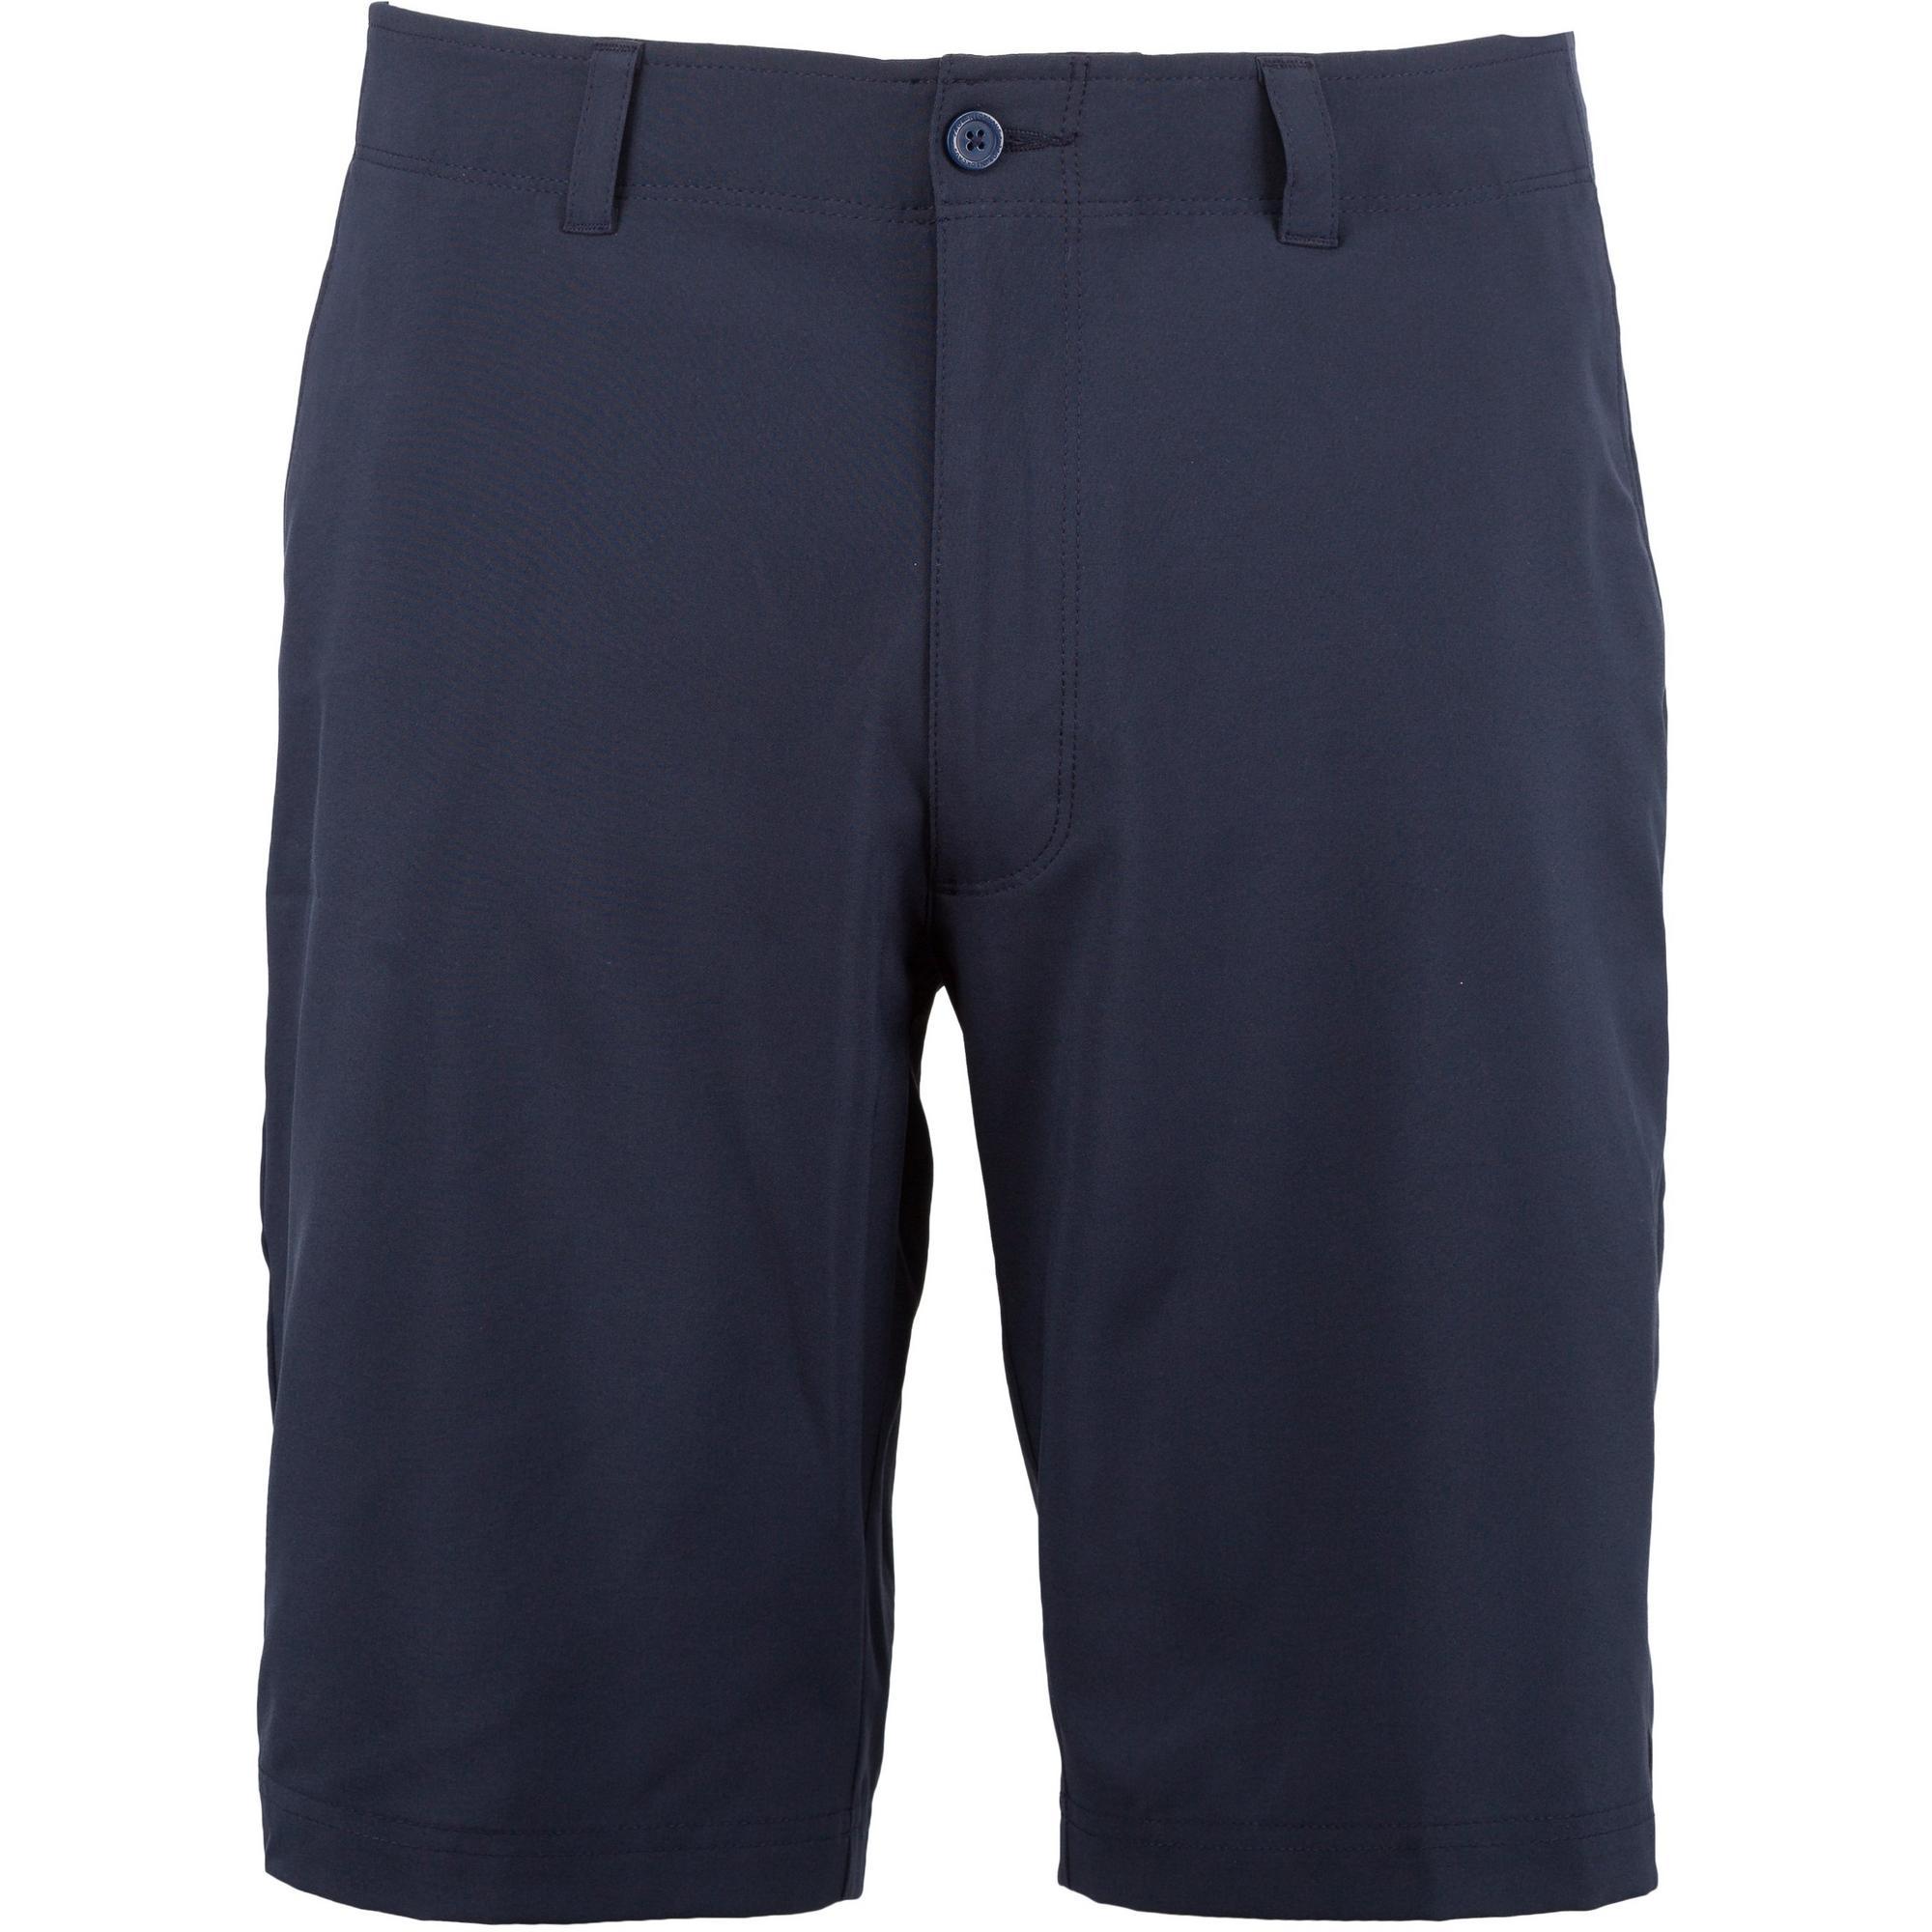 Pantalon court uni avec taille élastique Active pour hommes